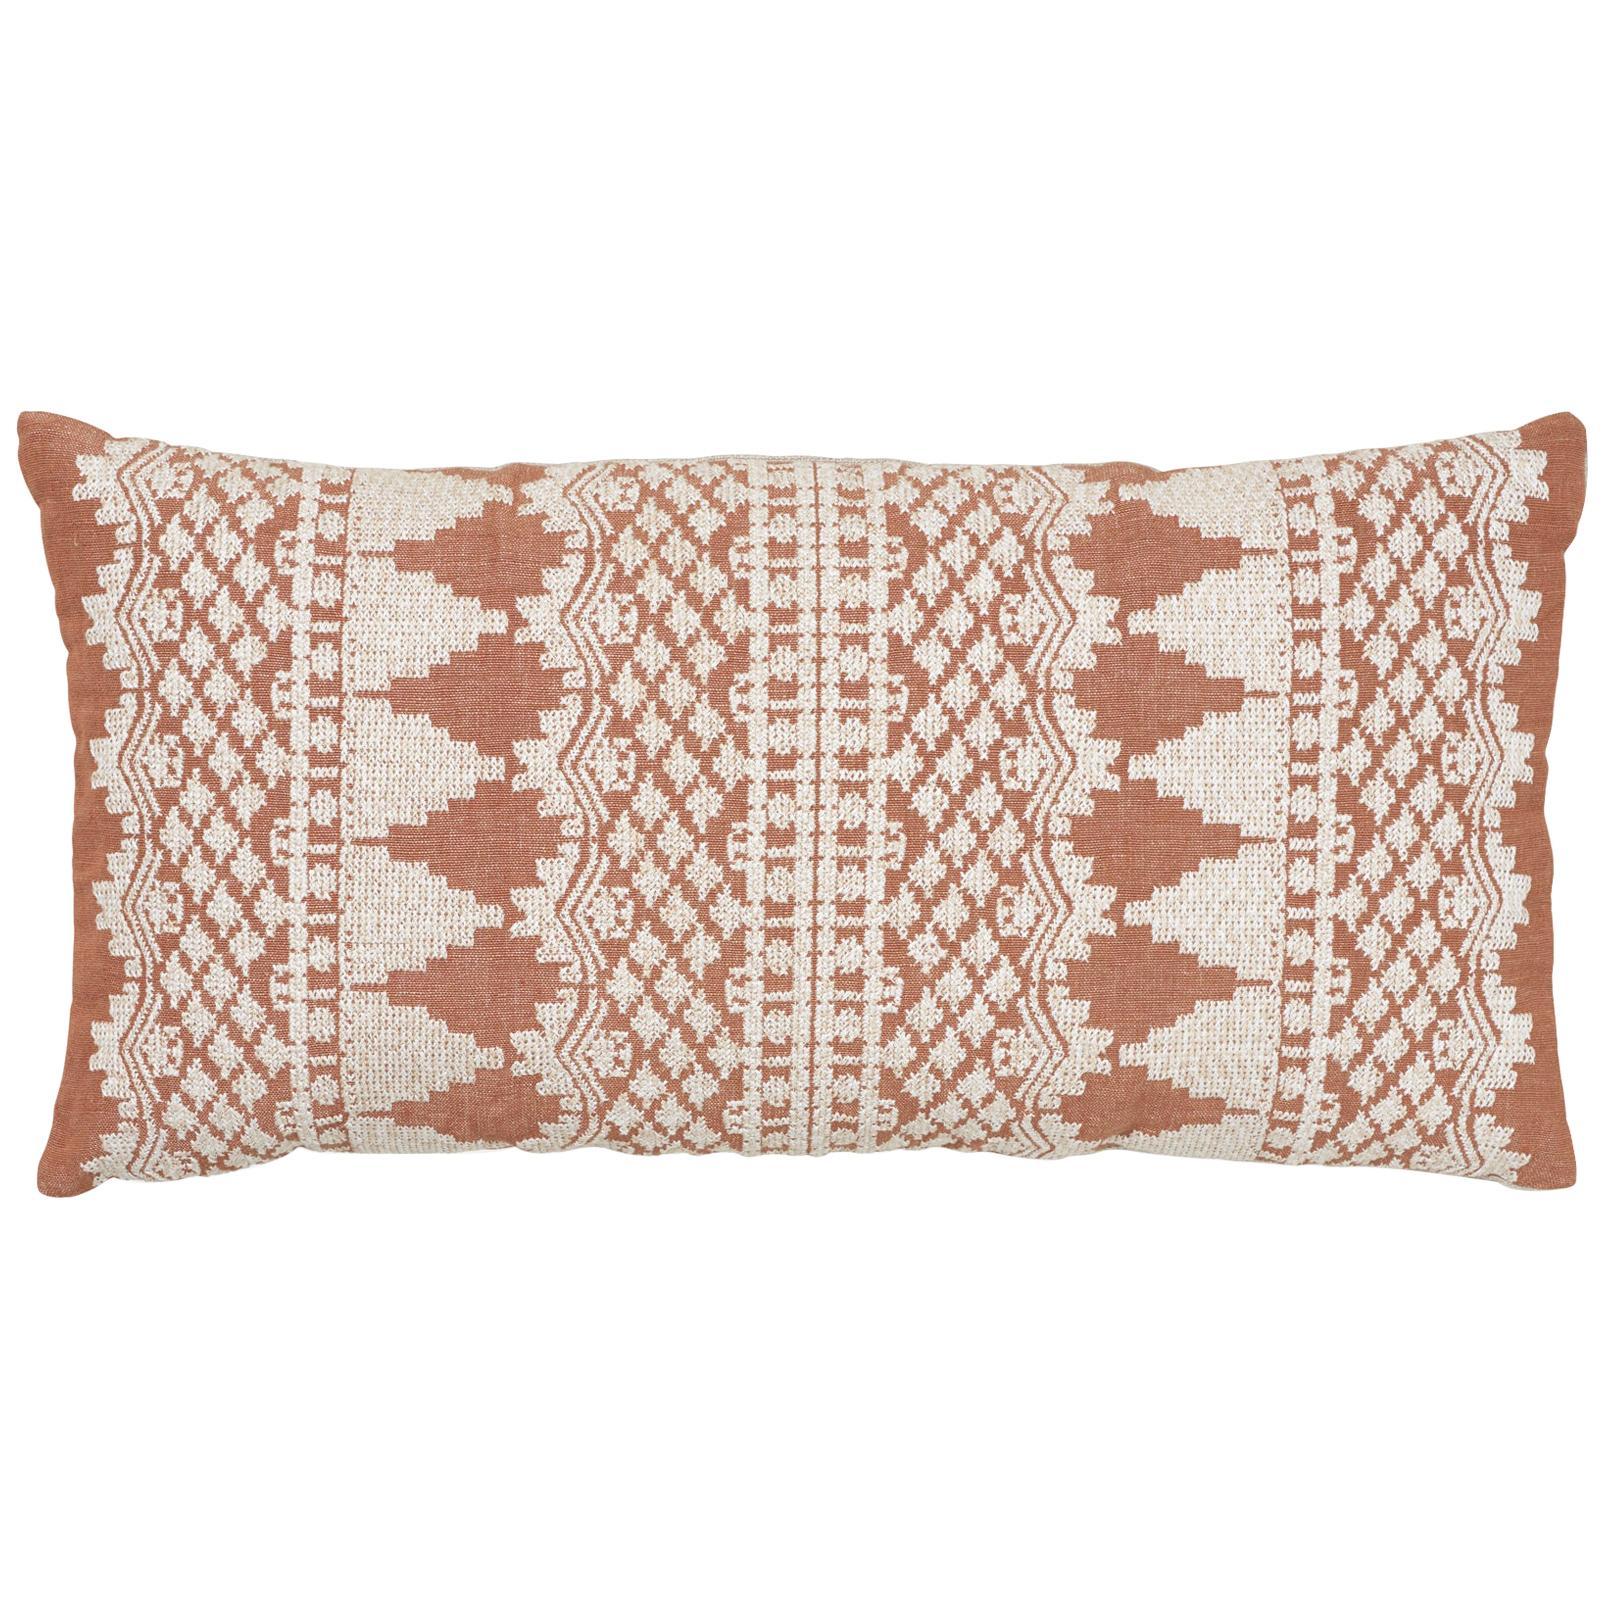 Schumacher Wentworth Embroidery Rust Linen Cotton Pillow